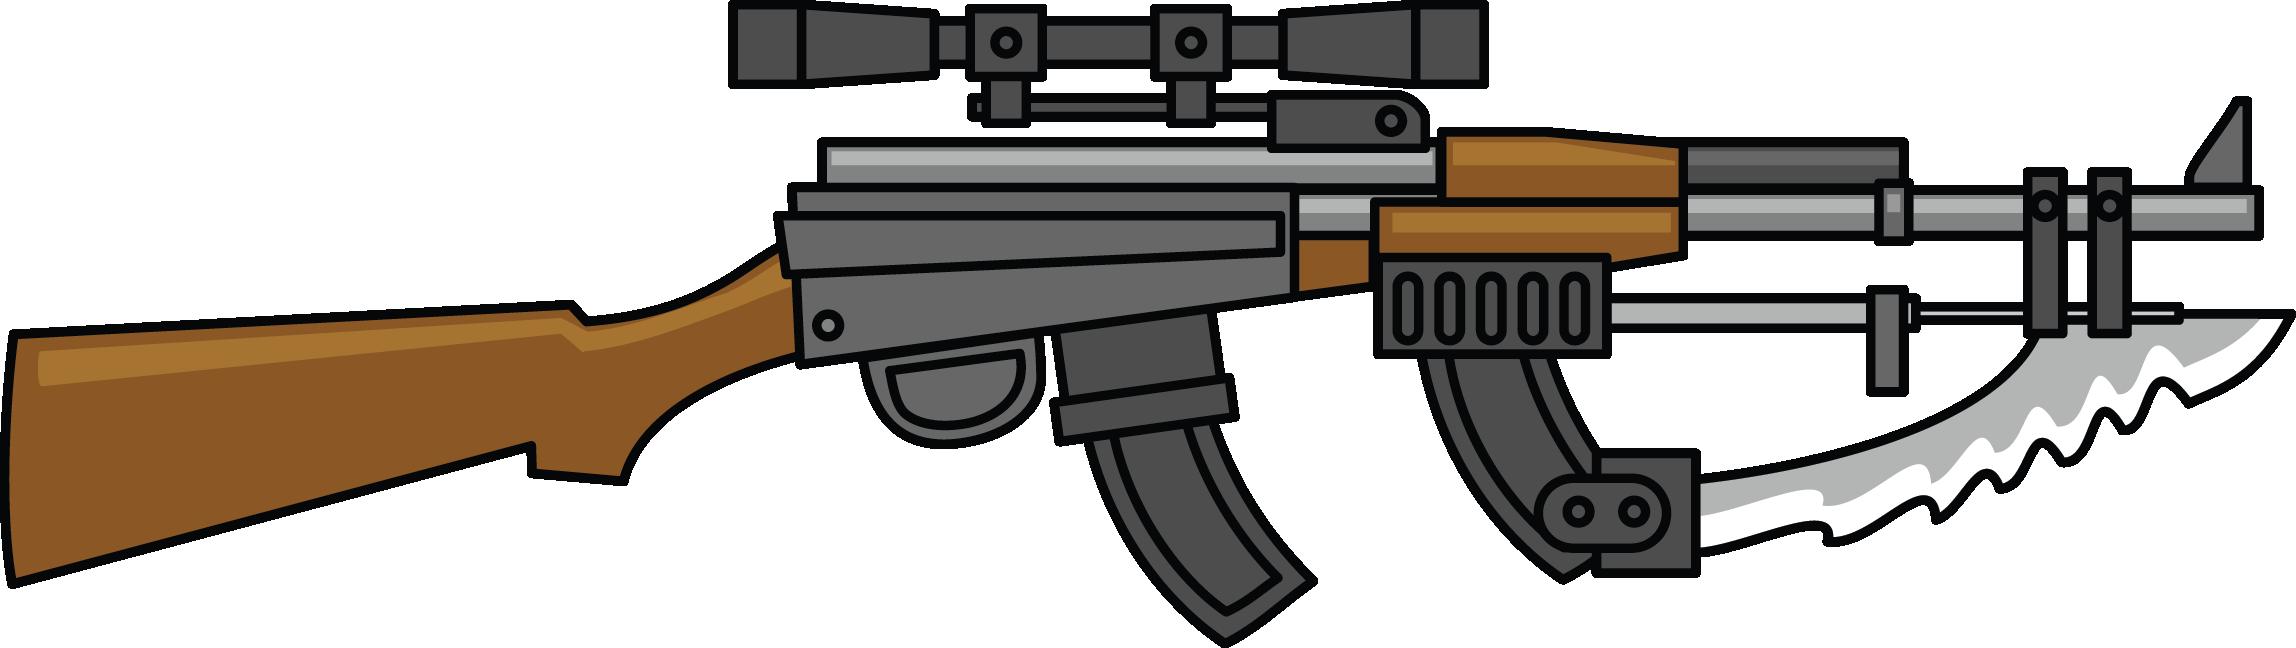 Free To Use Guns Clip art of Gun Clipart #1563 — Clipartwork.